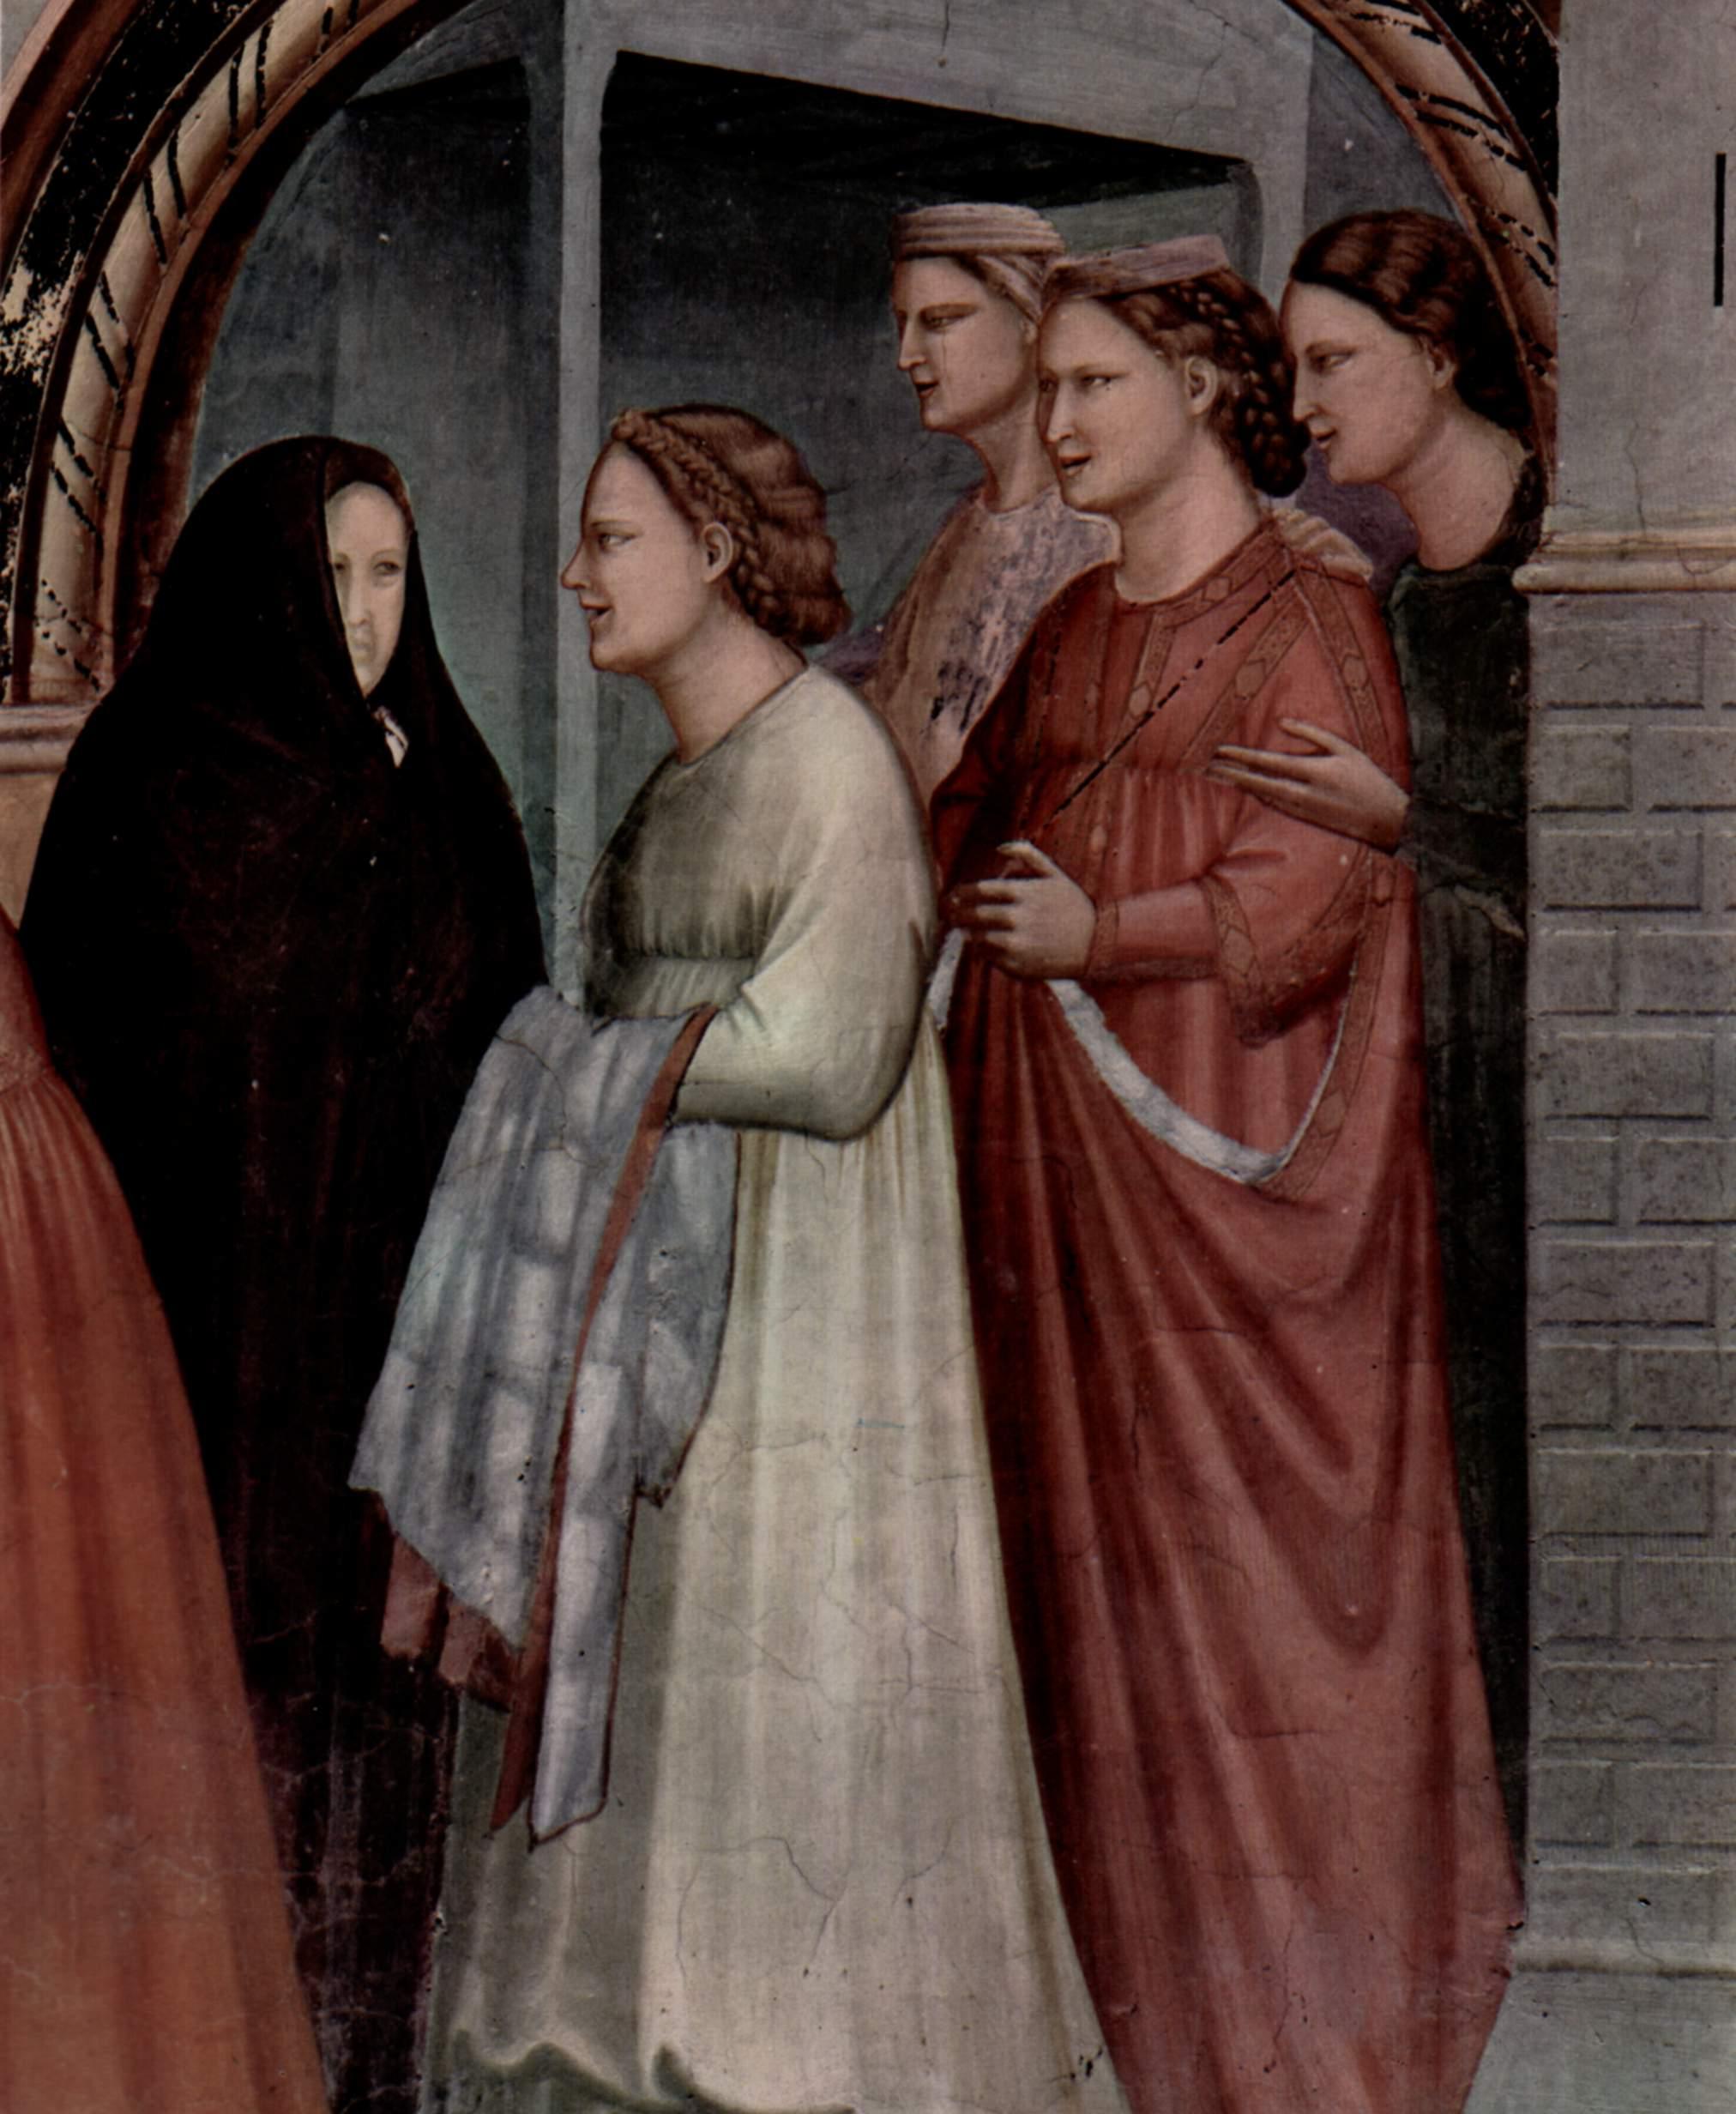 Цикл фресок капеллы Арена [07] в Падуе (капелла Скровеньи). Благовещение. Фрагмент, Джотто ди Бондоне